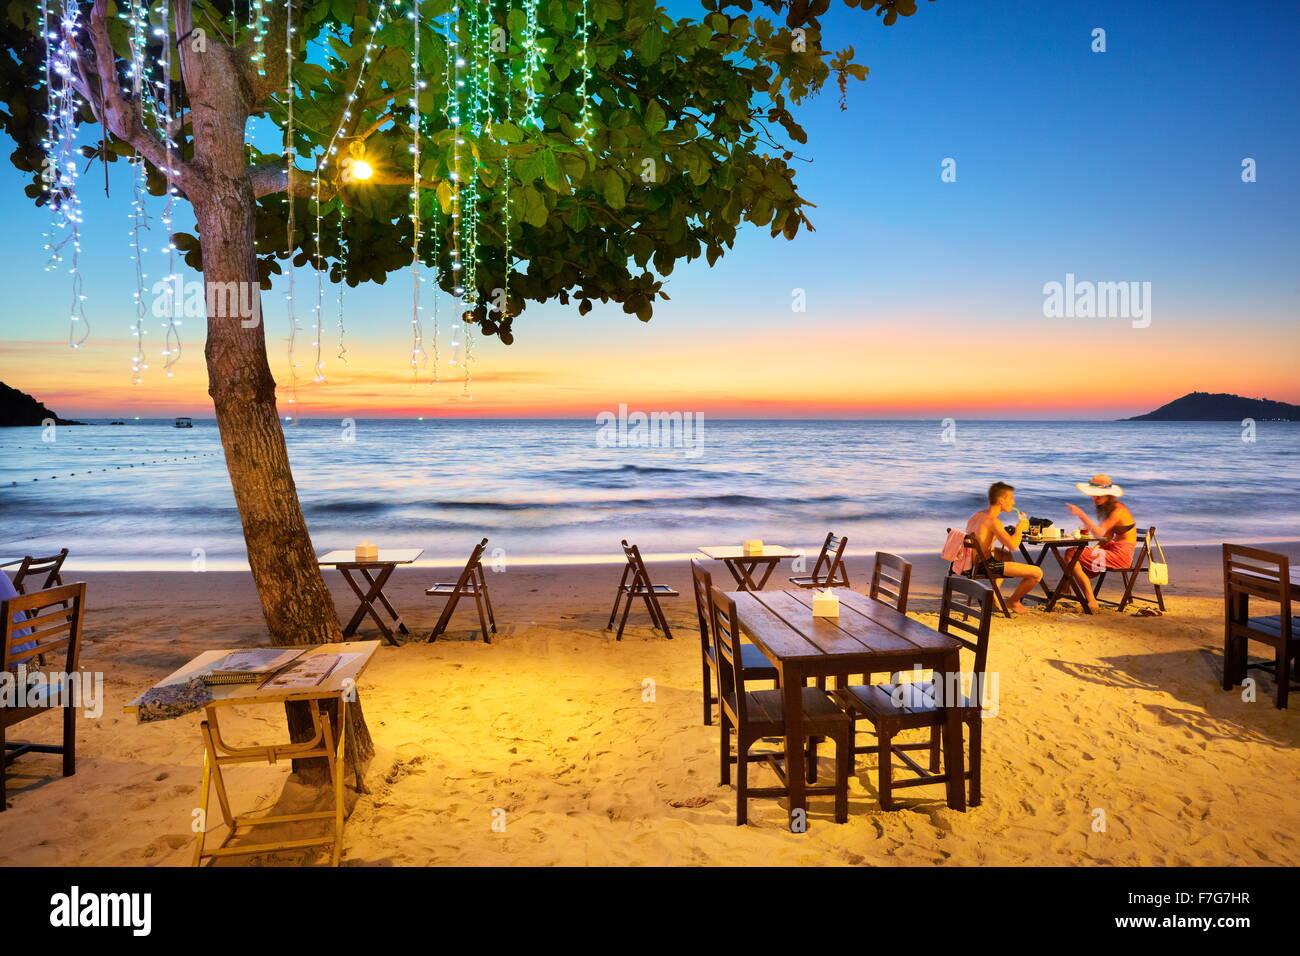 Restaurante Tropical en la playa en Lima Coco Resort, Isla de Koh Samet, Tailandia Imagen De Stock